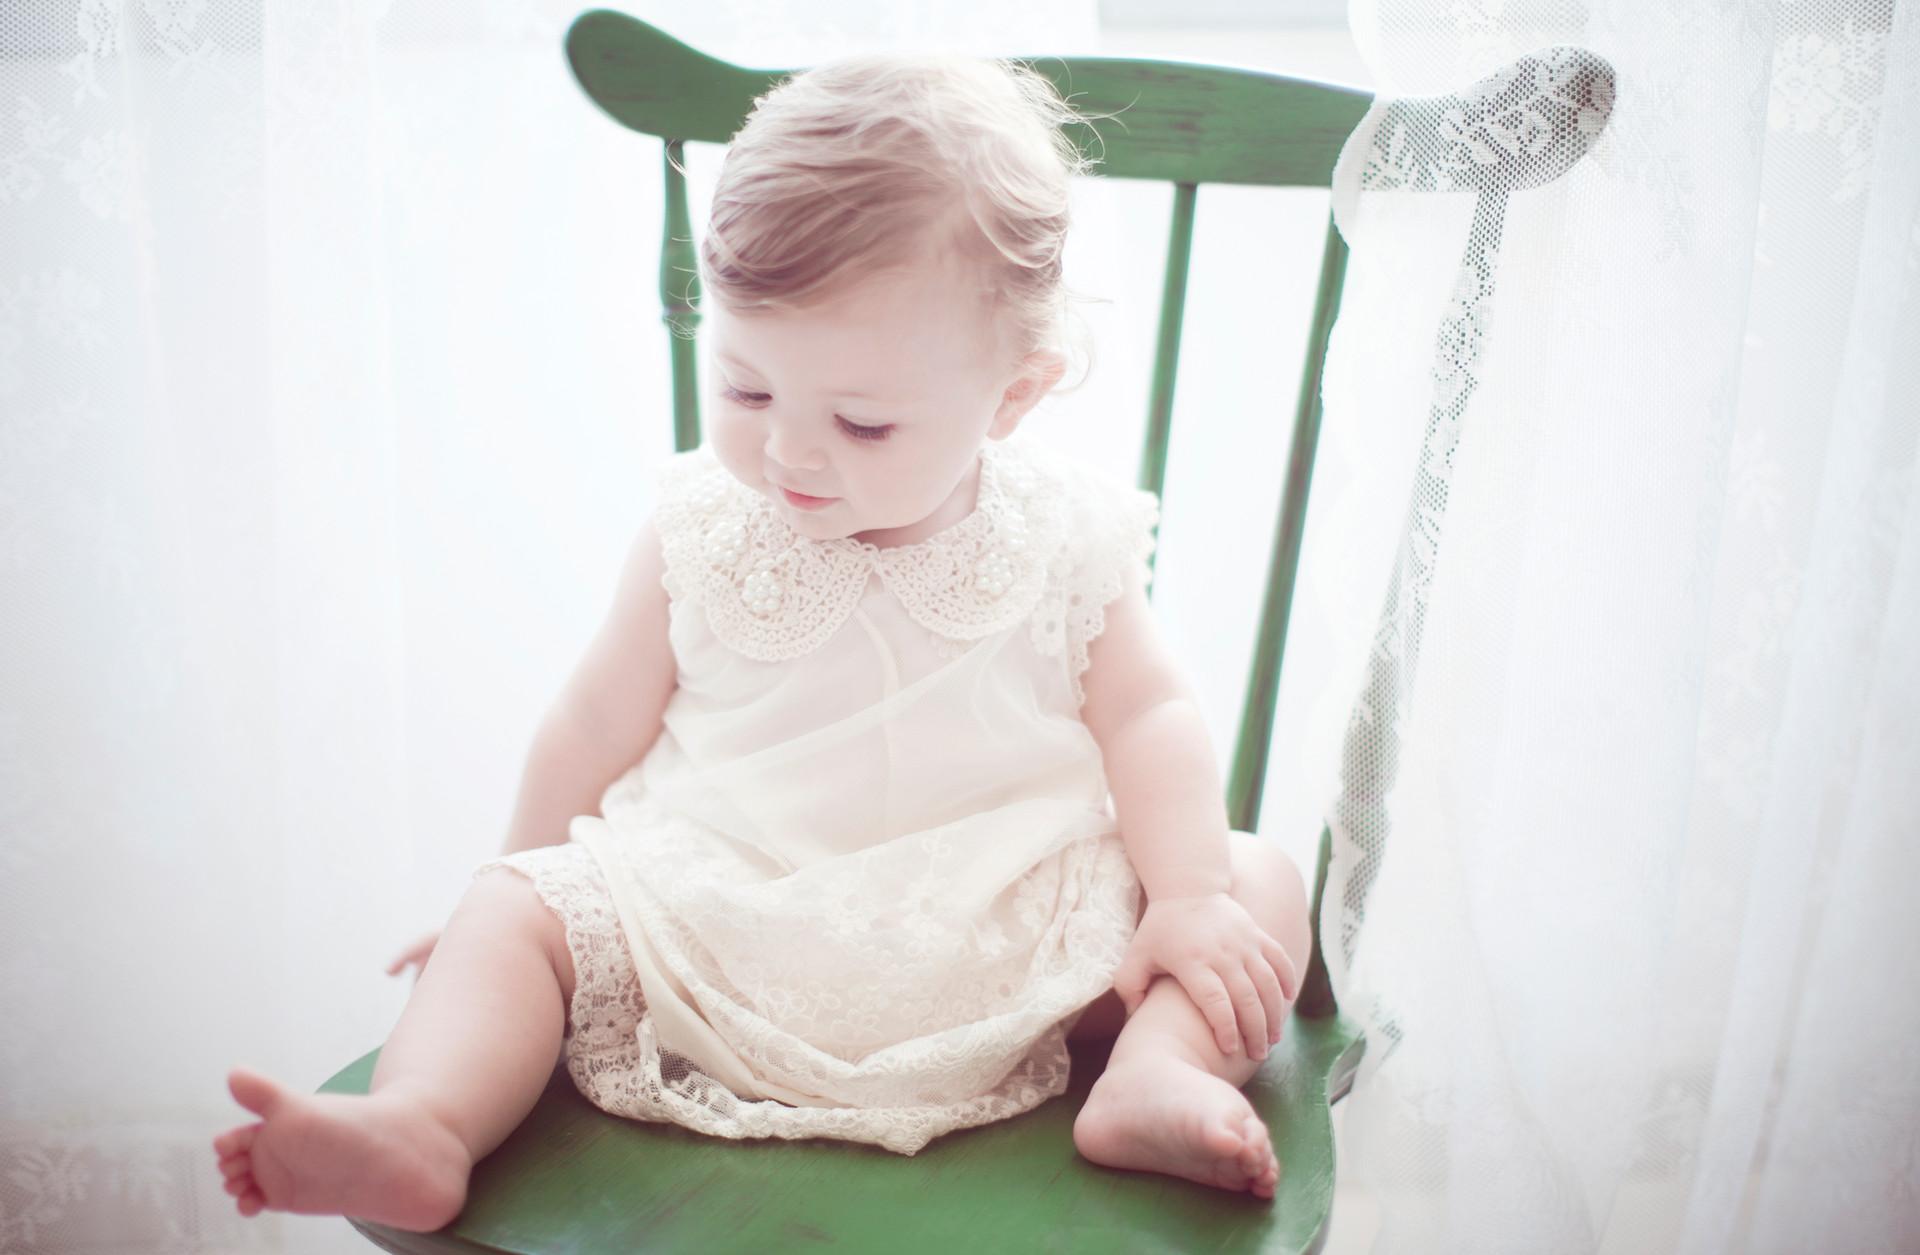 Bambino in presidenza verde